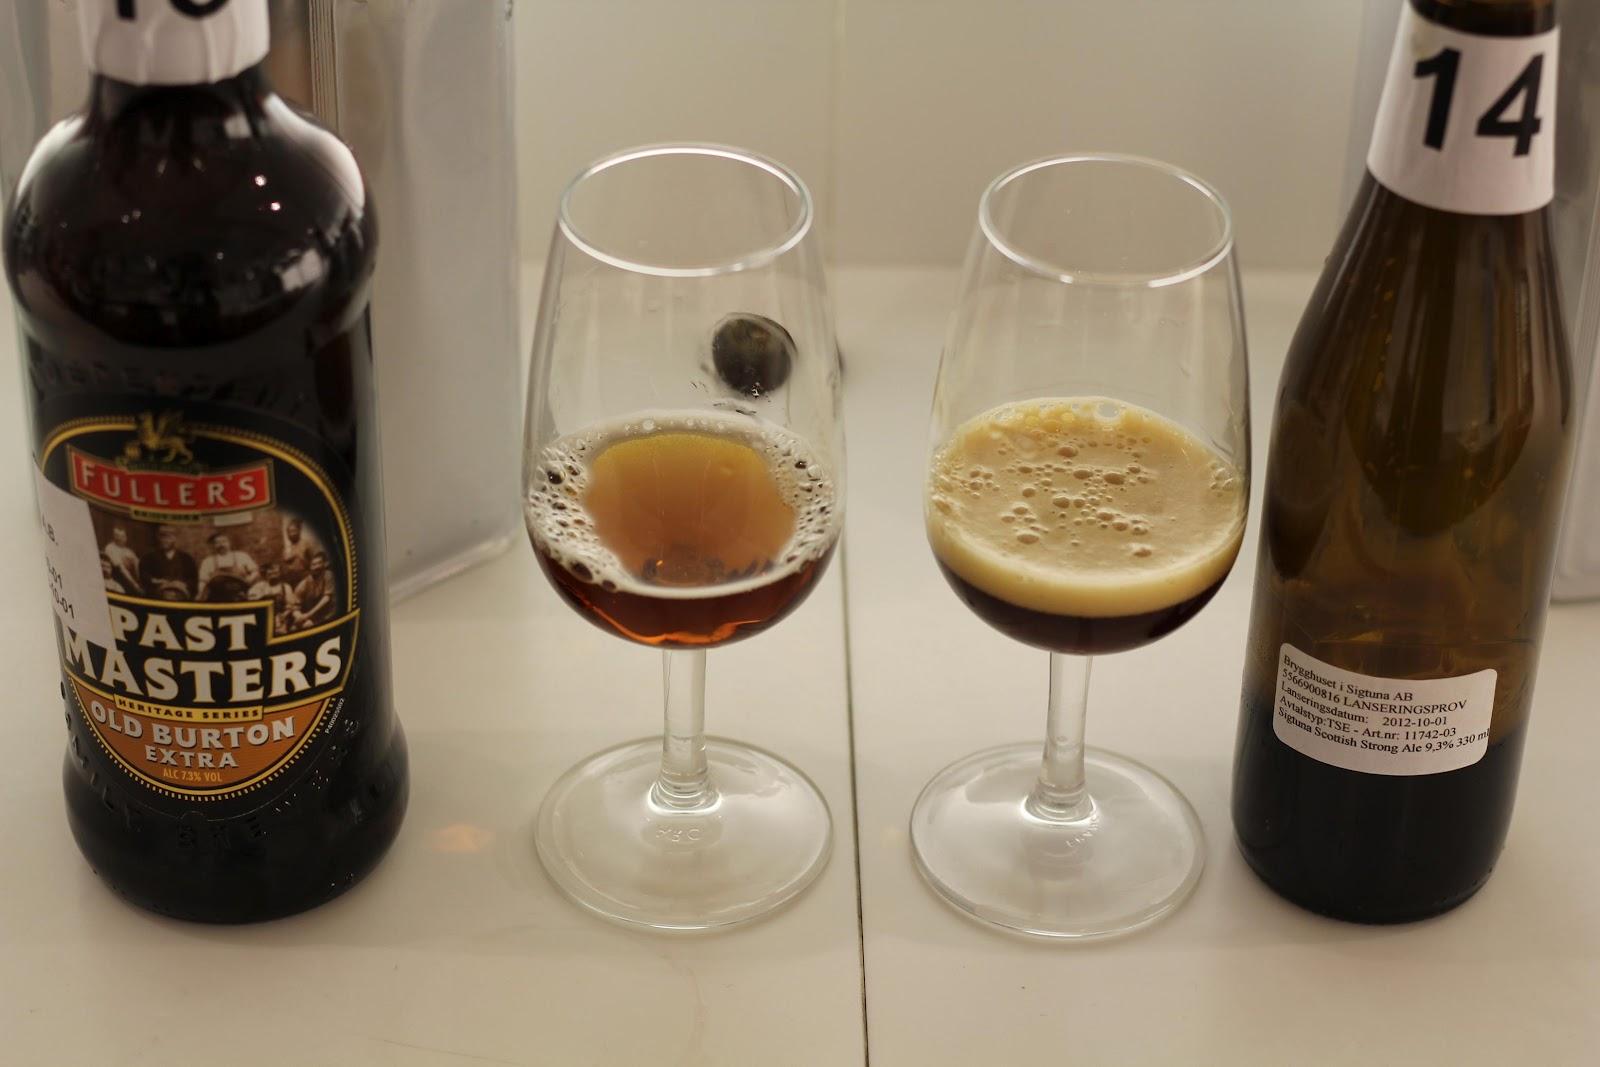 Öl är gott, resor är kul.: Ölskribentsprovning av öl i Systembolagets oktobersläpp 2012